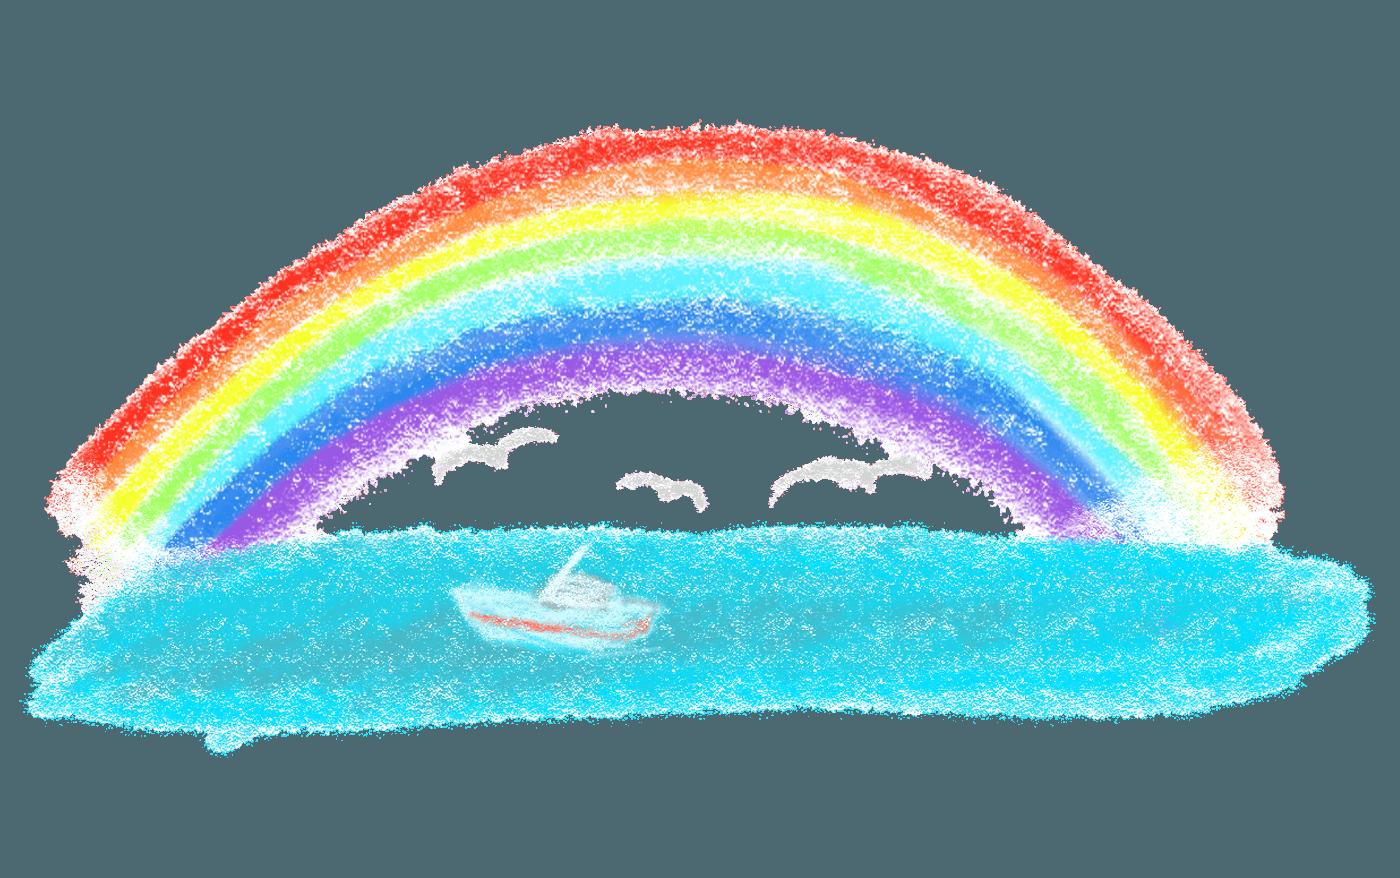 クレヨンで描いた虹イラスト虹イラスト